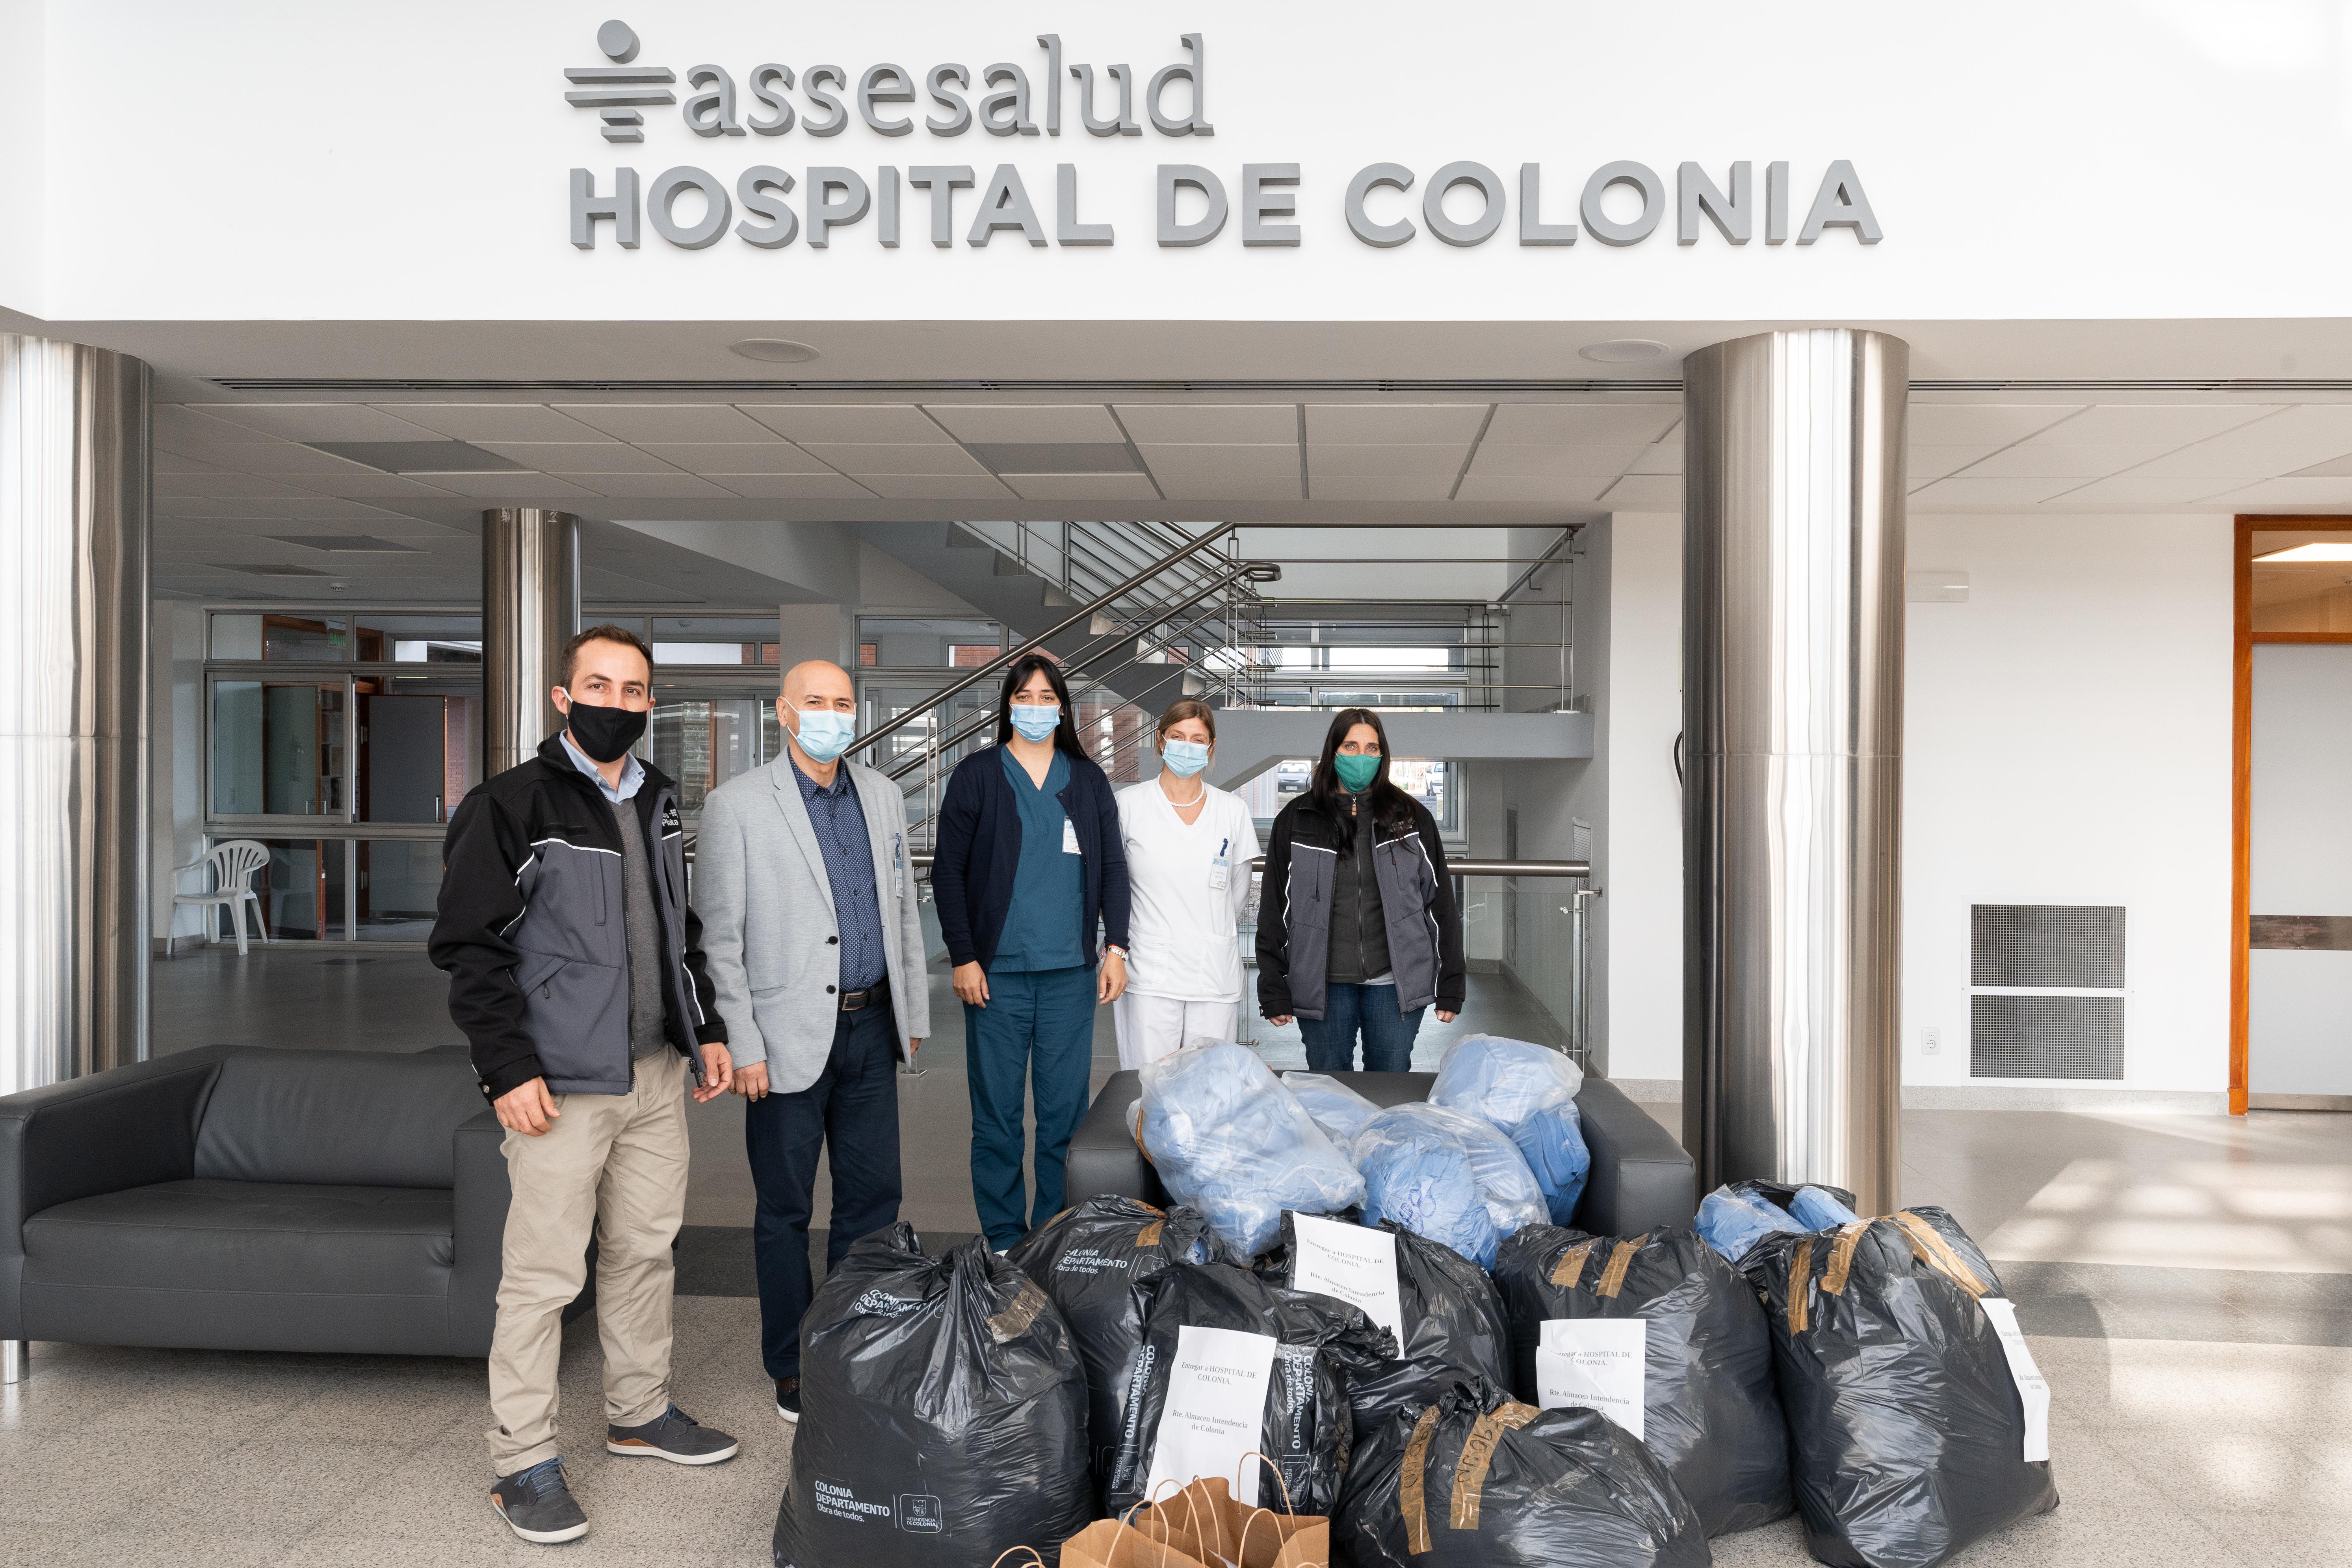 Montes del Plata completó donación de 50.000 tapabocas a hospitales de Colonia, Río Negro, Soriano, Paysandú y Durazno